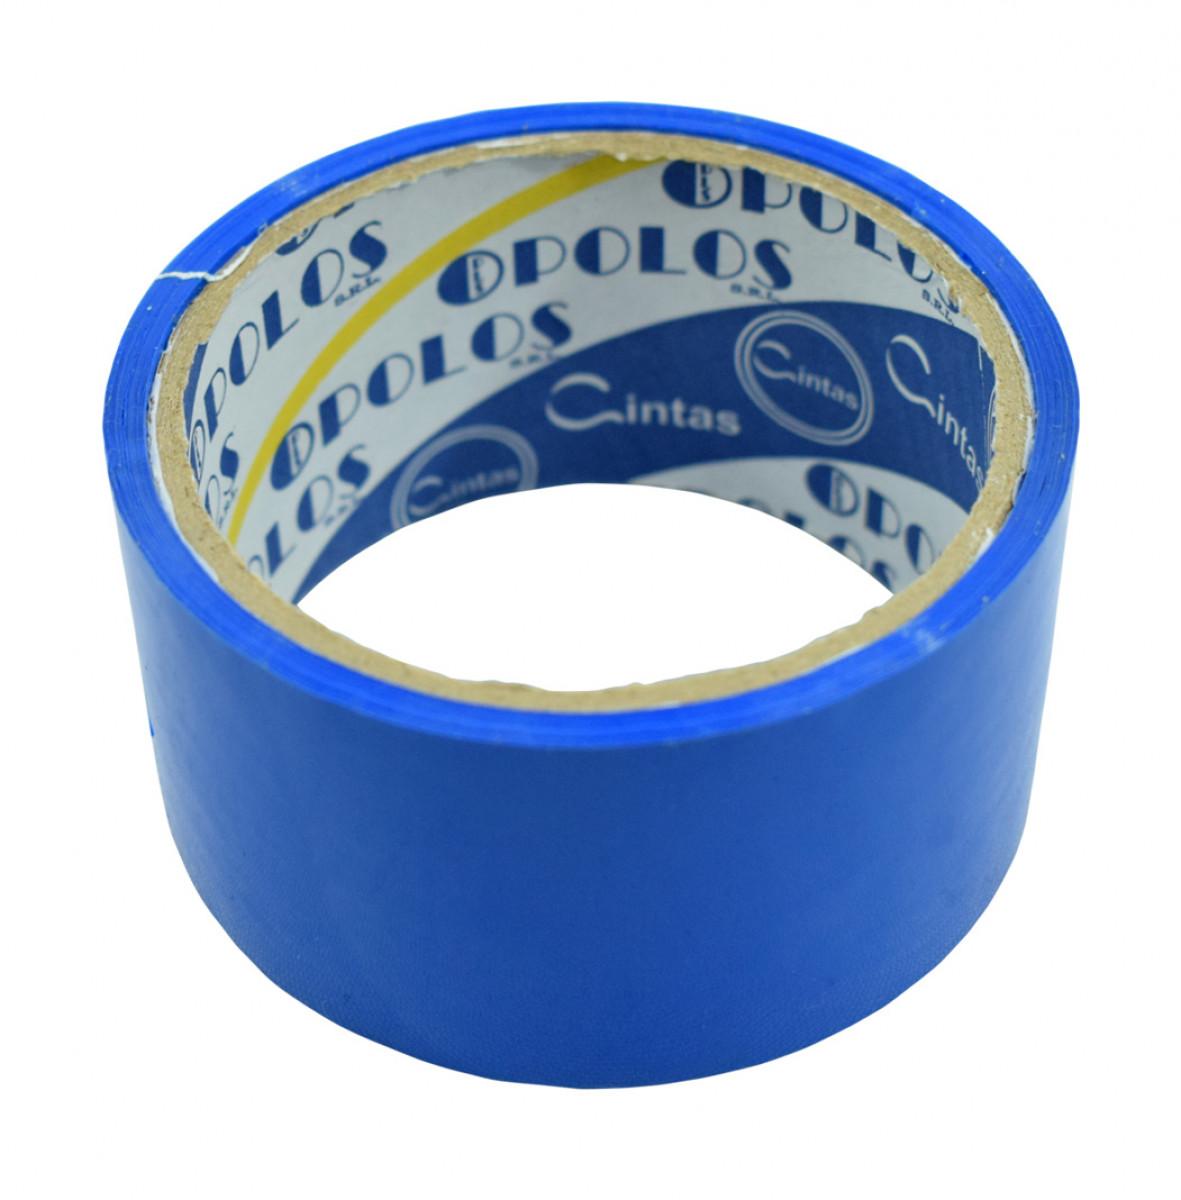 Cinta scotch coloridas 48x25cm azul